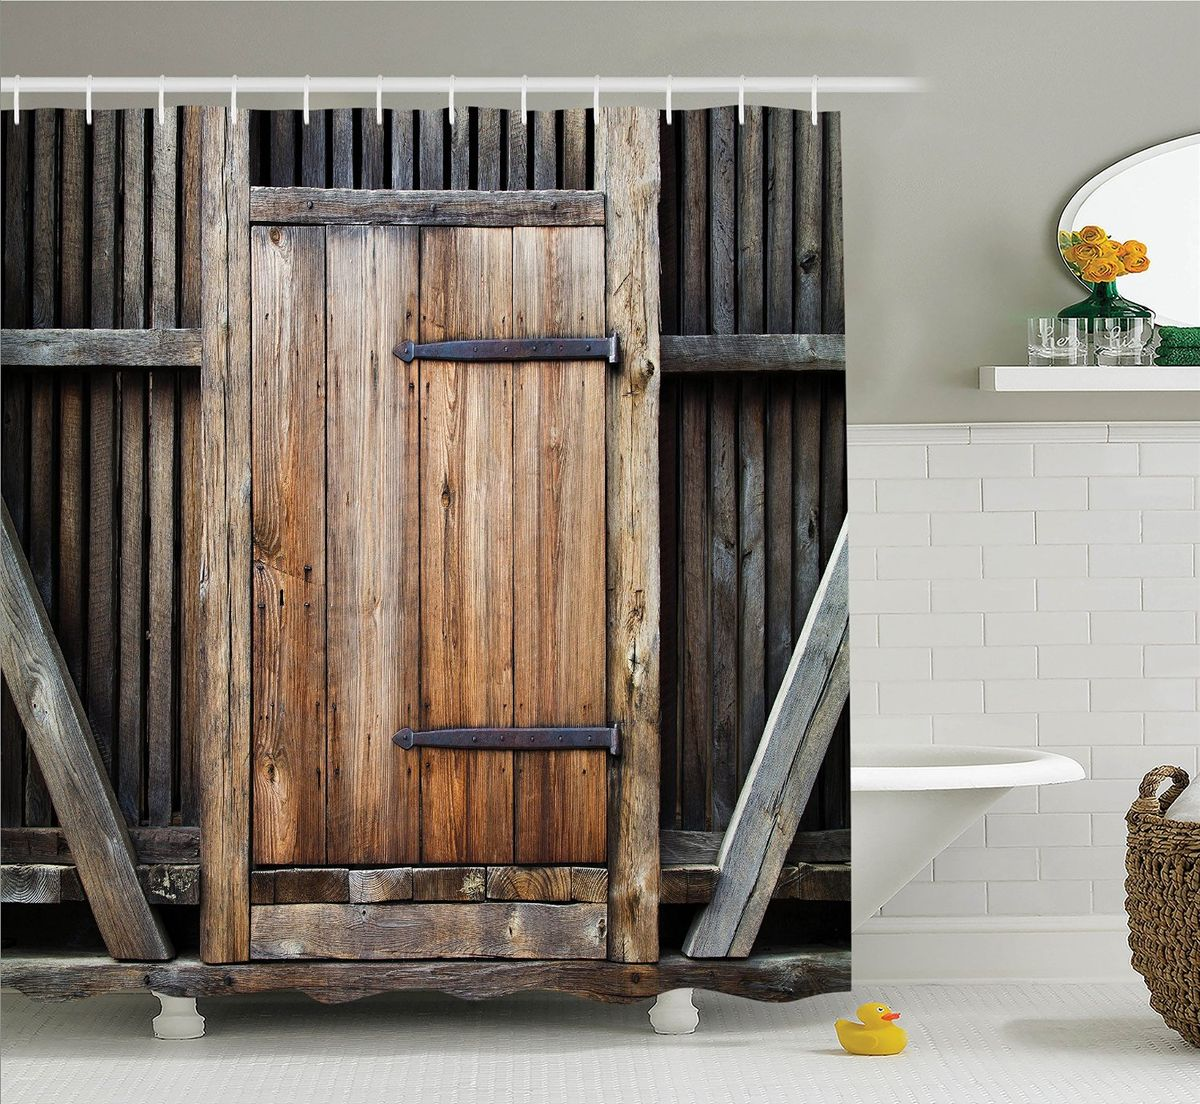 """Штора Magic Lady """"Деревянная дверь"""", изготовленная из высококачественного сатена (полиэстер 100%), отлично дополнит любой интерьер ванной комнаты. При изготовлении используются специальные гипоаллергенные чернила для прямой печати по ткани, безопасные для человека.    В комплекте: 1 штора, 12 крючков. Обращаем ваше внимание, фактический цвет изделия может незначительно отличаться от представленного на фото."""